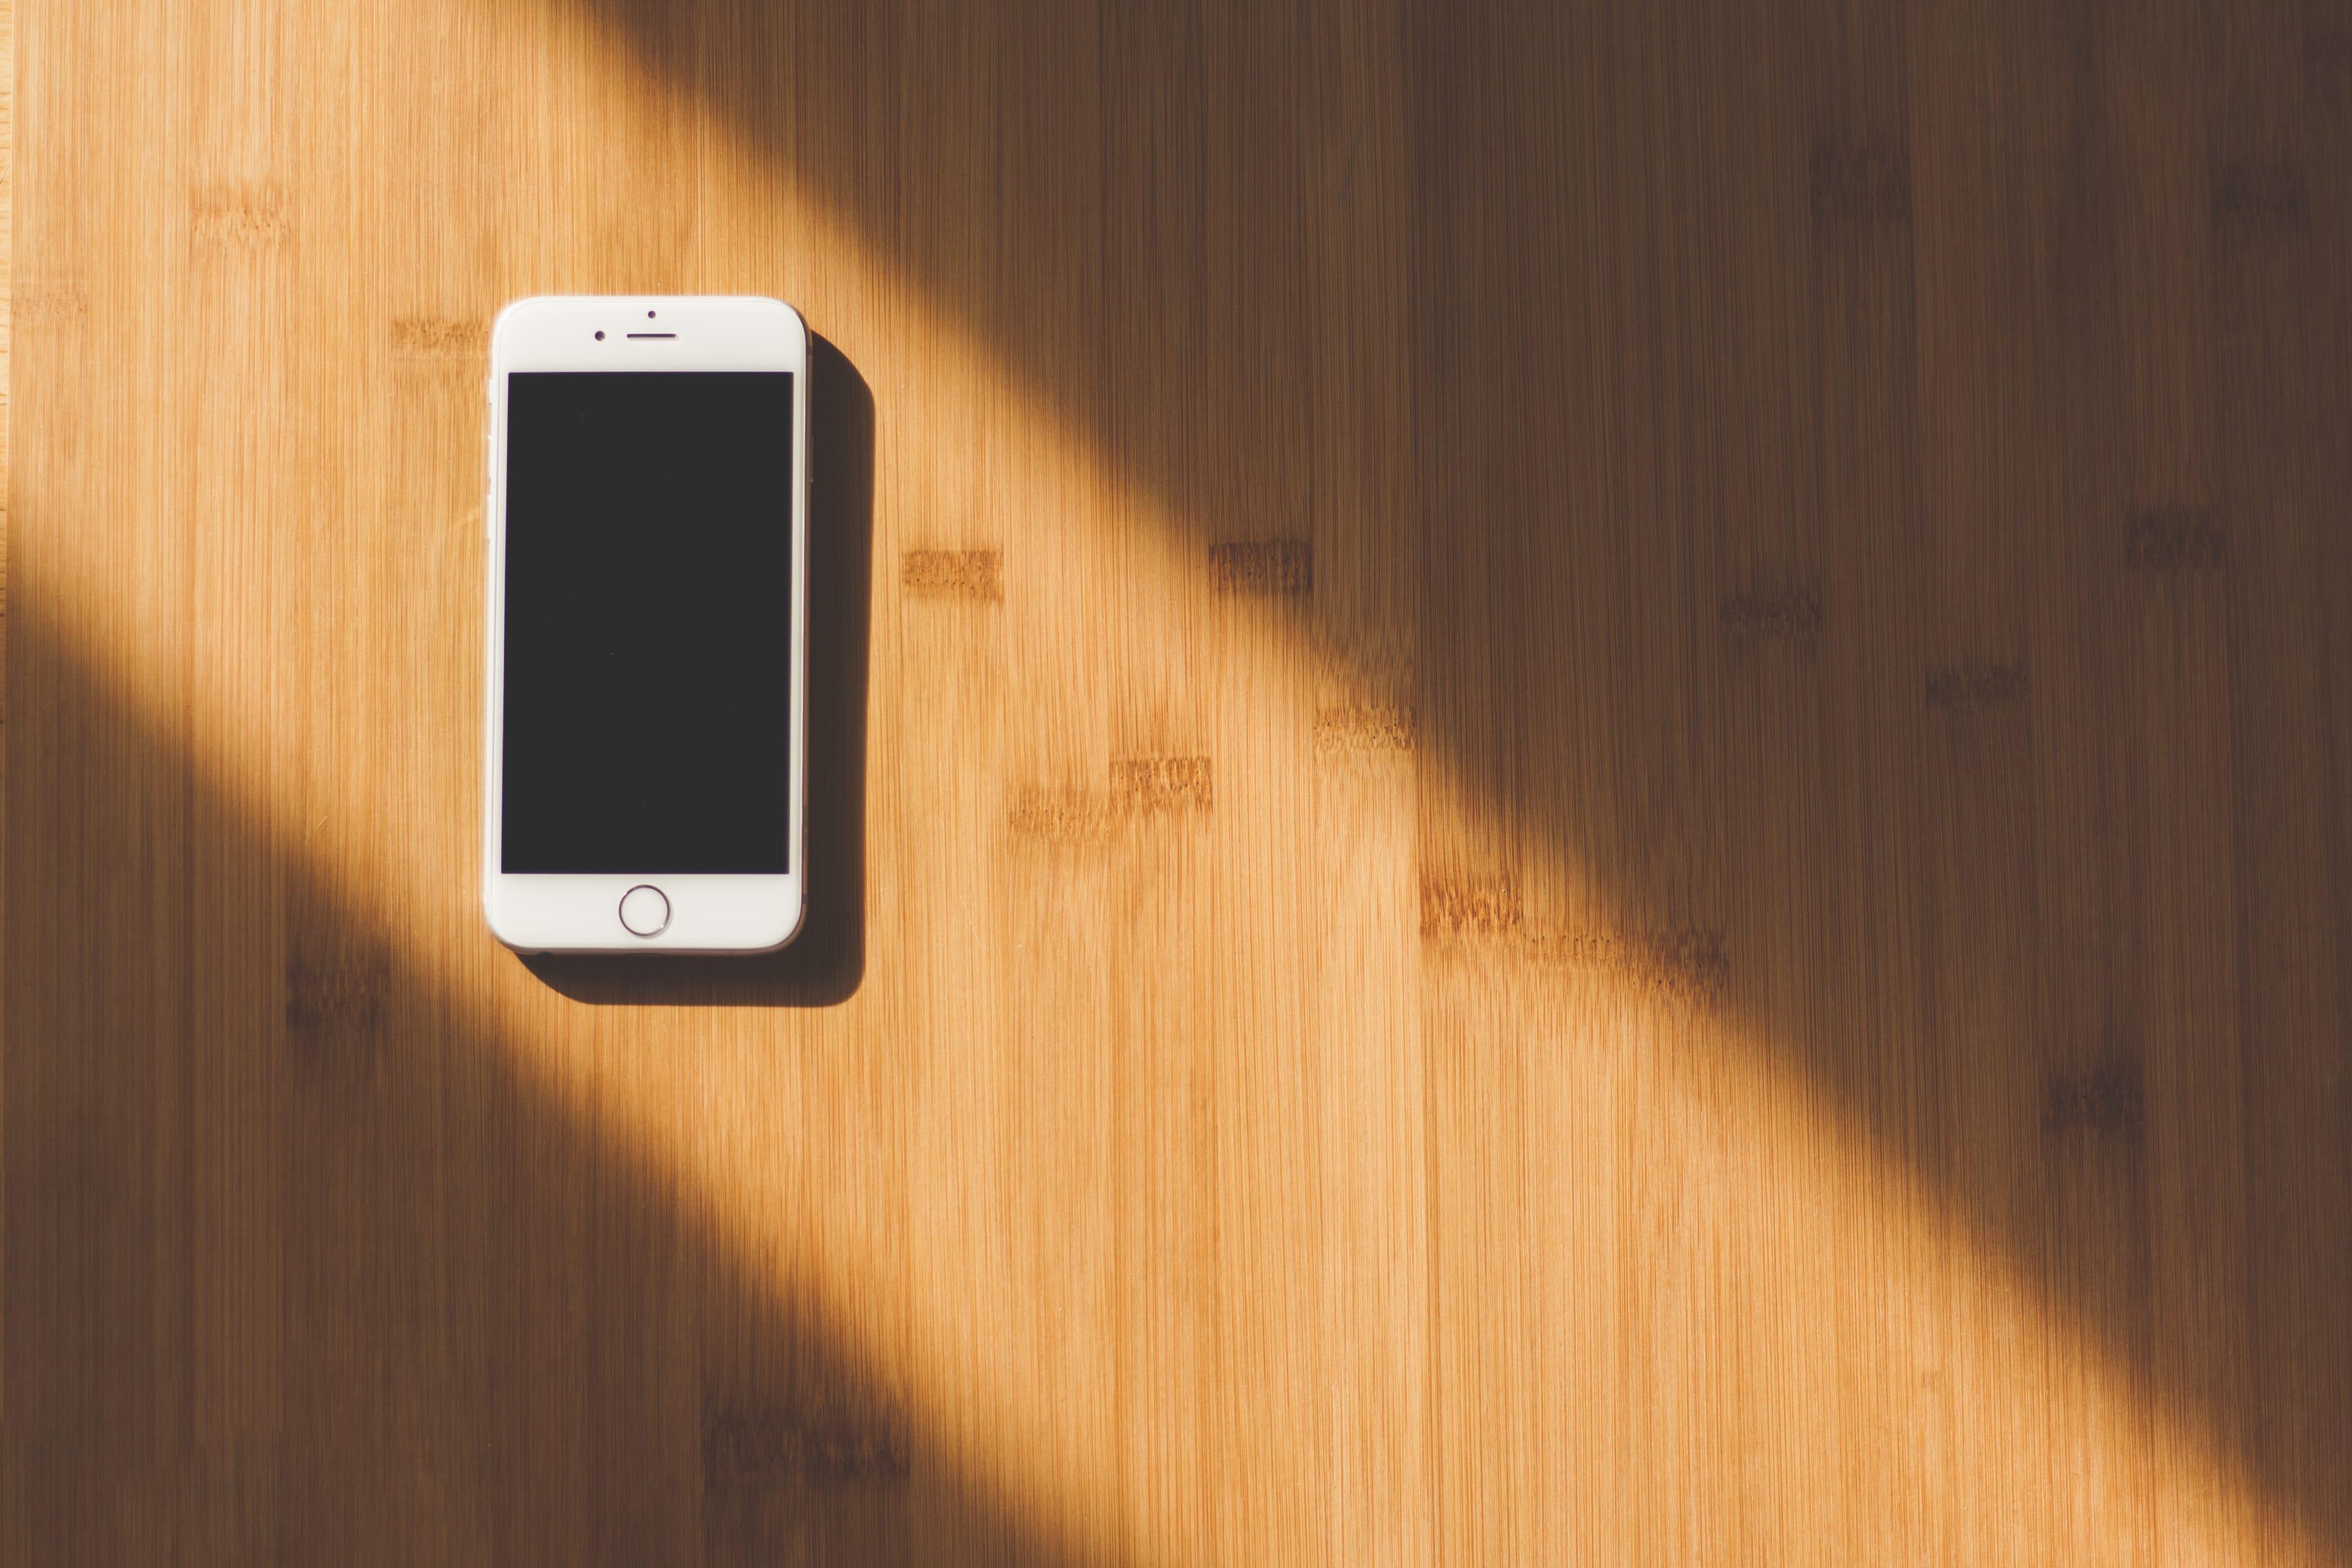 È davvero possibile bloccare un iPhone tramite SMS? Il caso chaiOS.